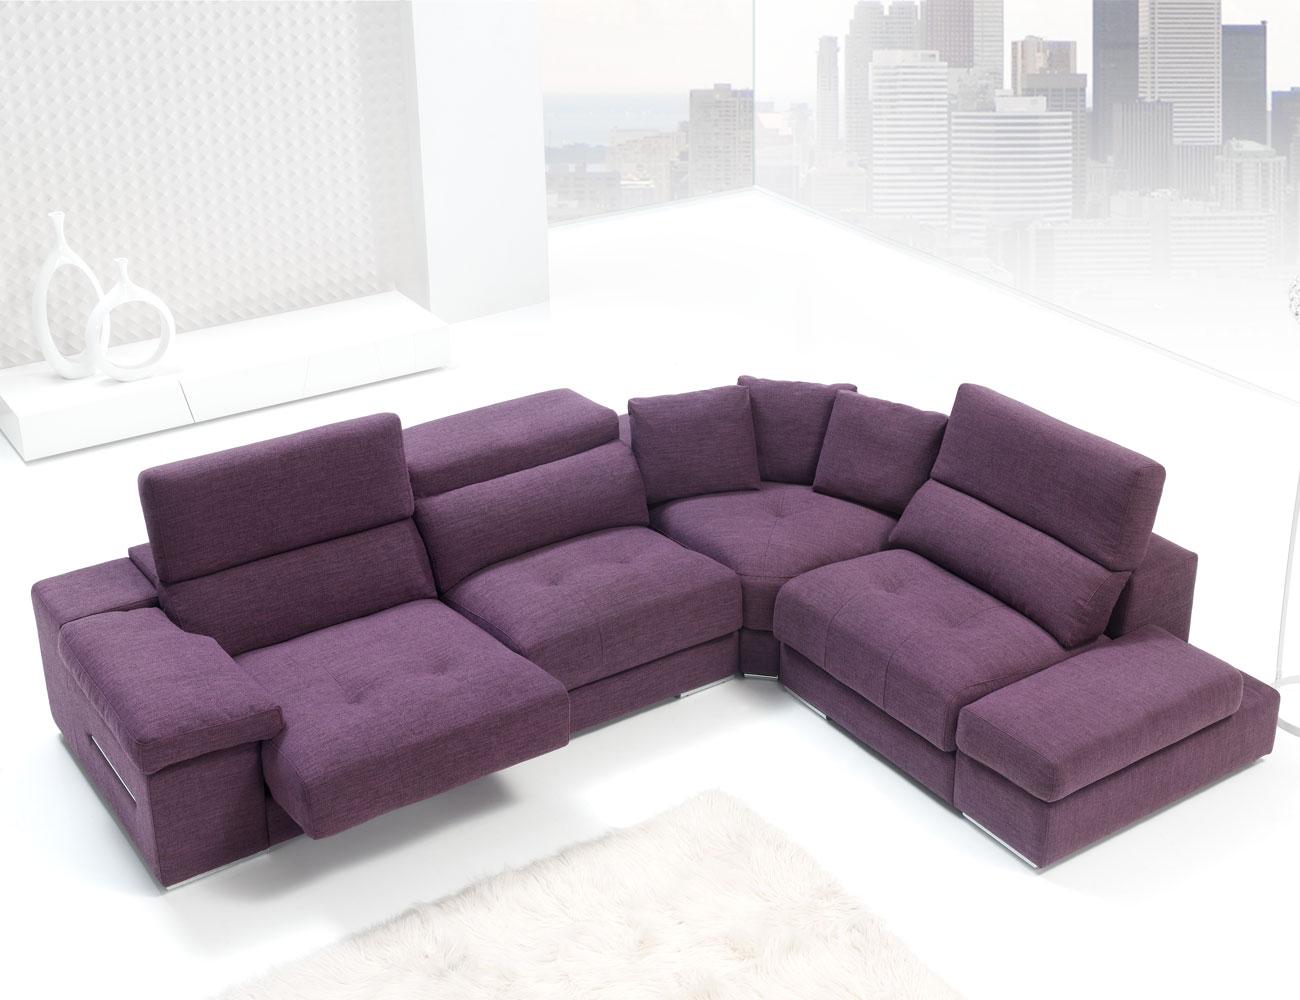 Sofa chaiselongue rincon con brazo mecanico tejido anti manchas 269